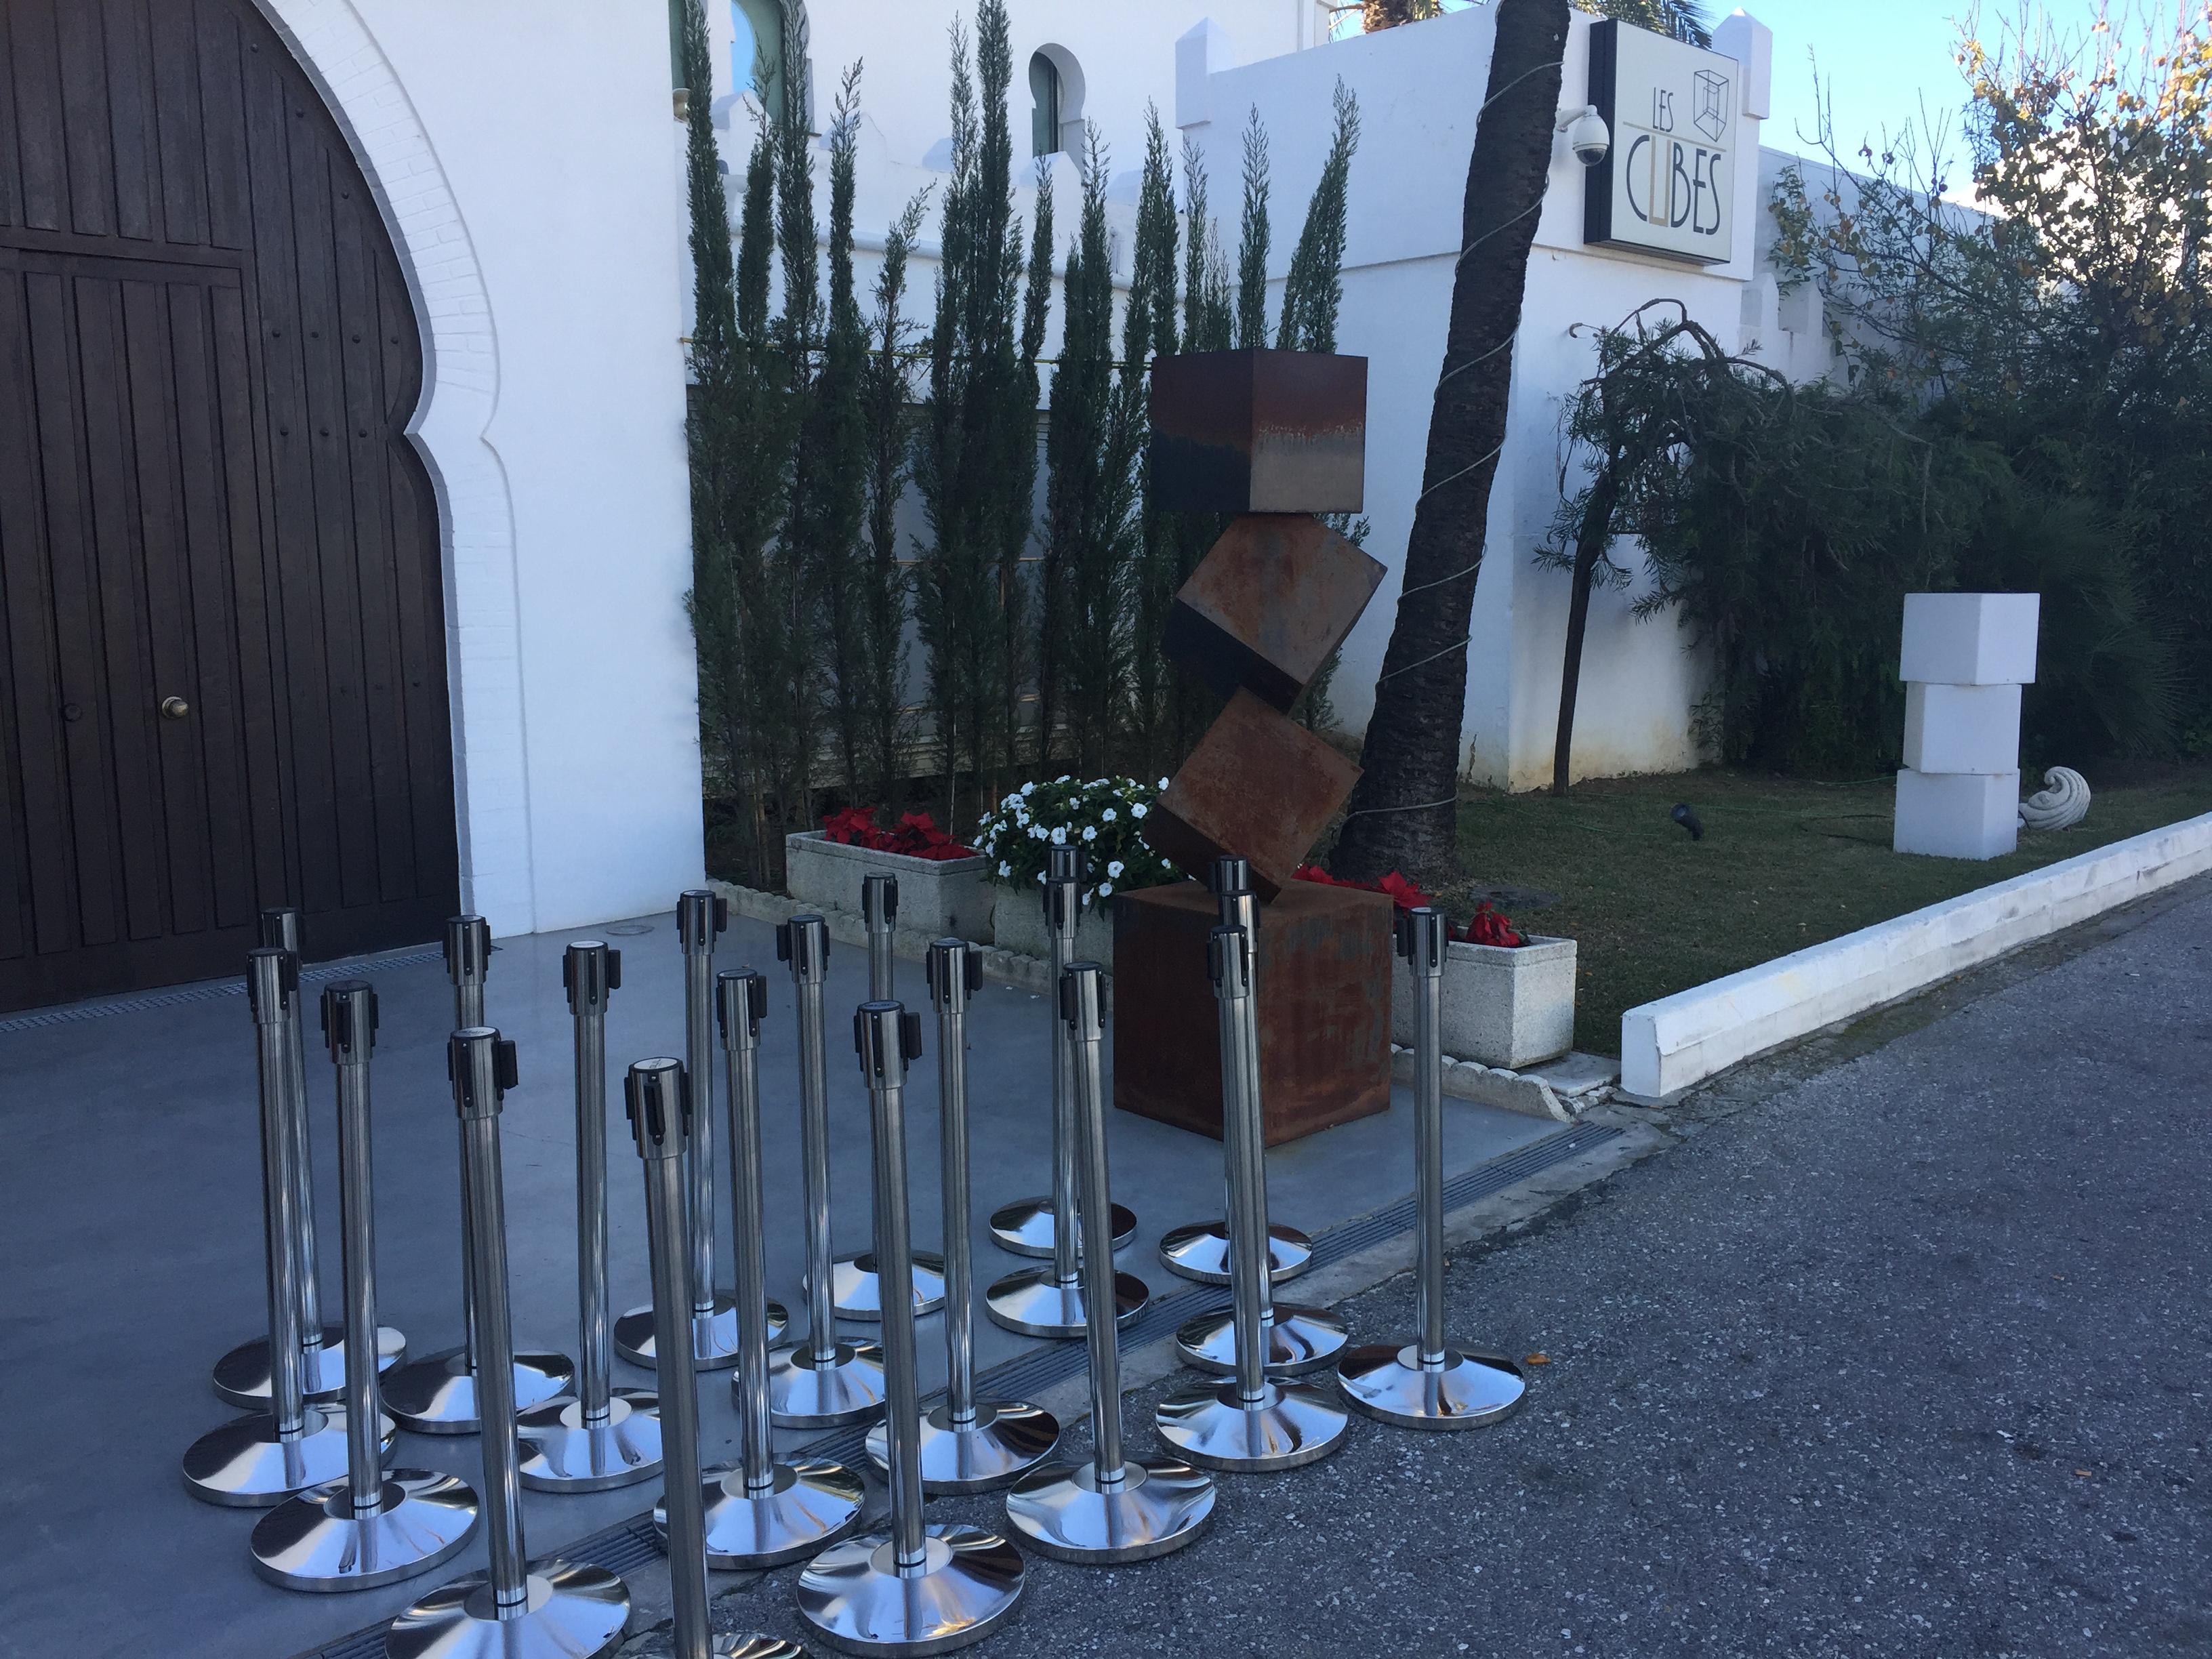 Restaurante Les Cubes de Marbella